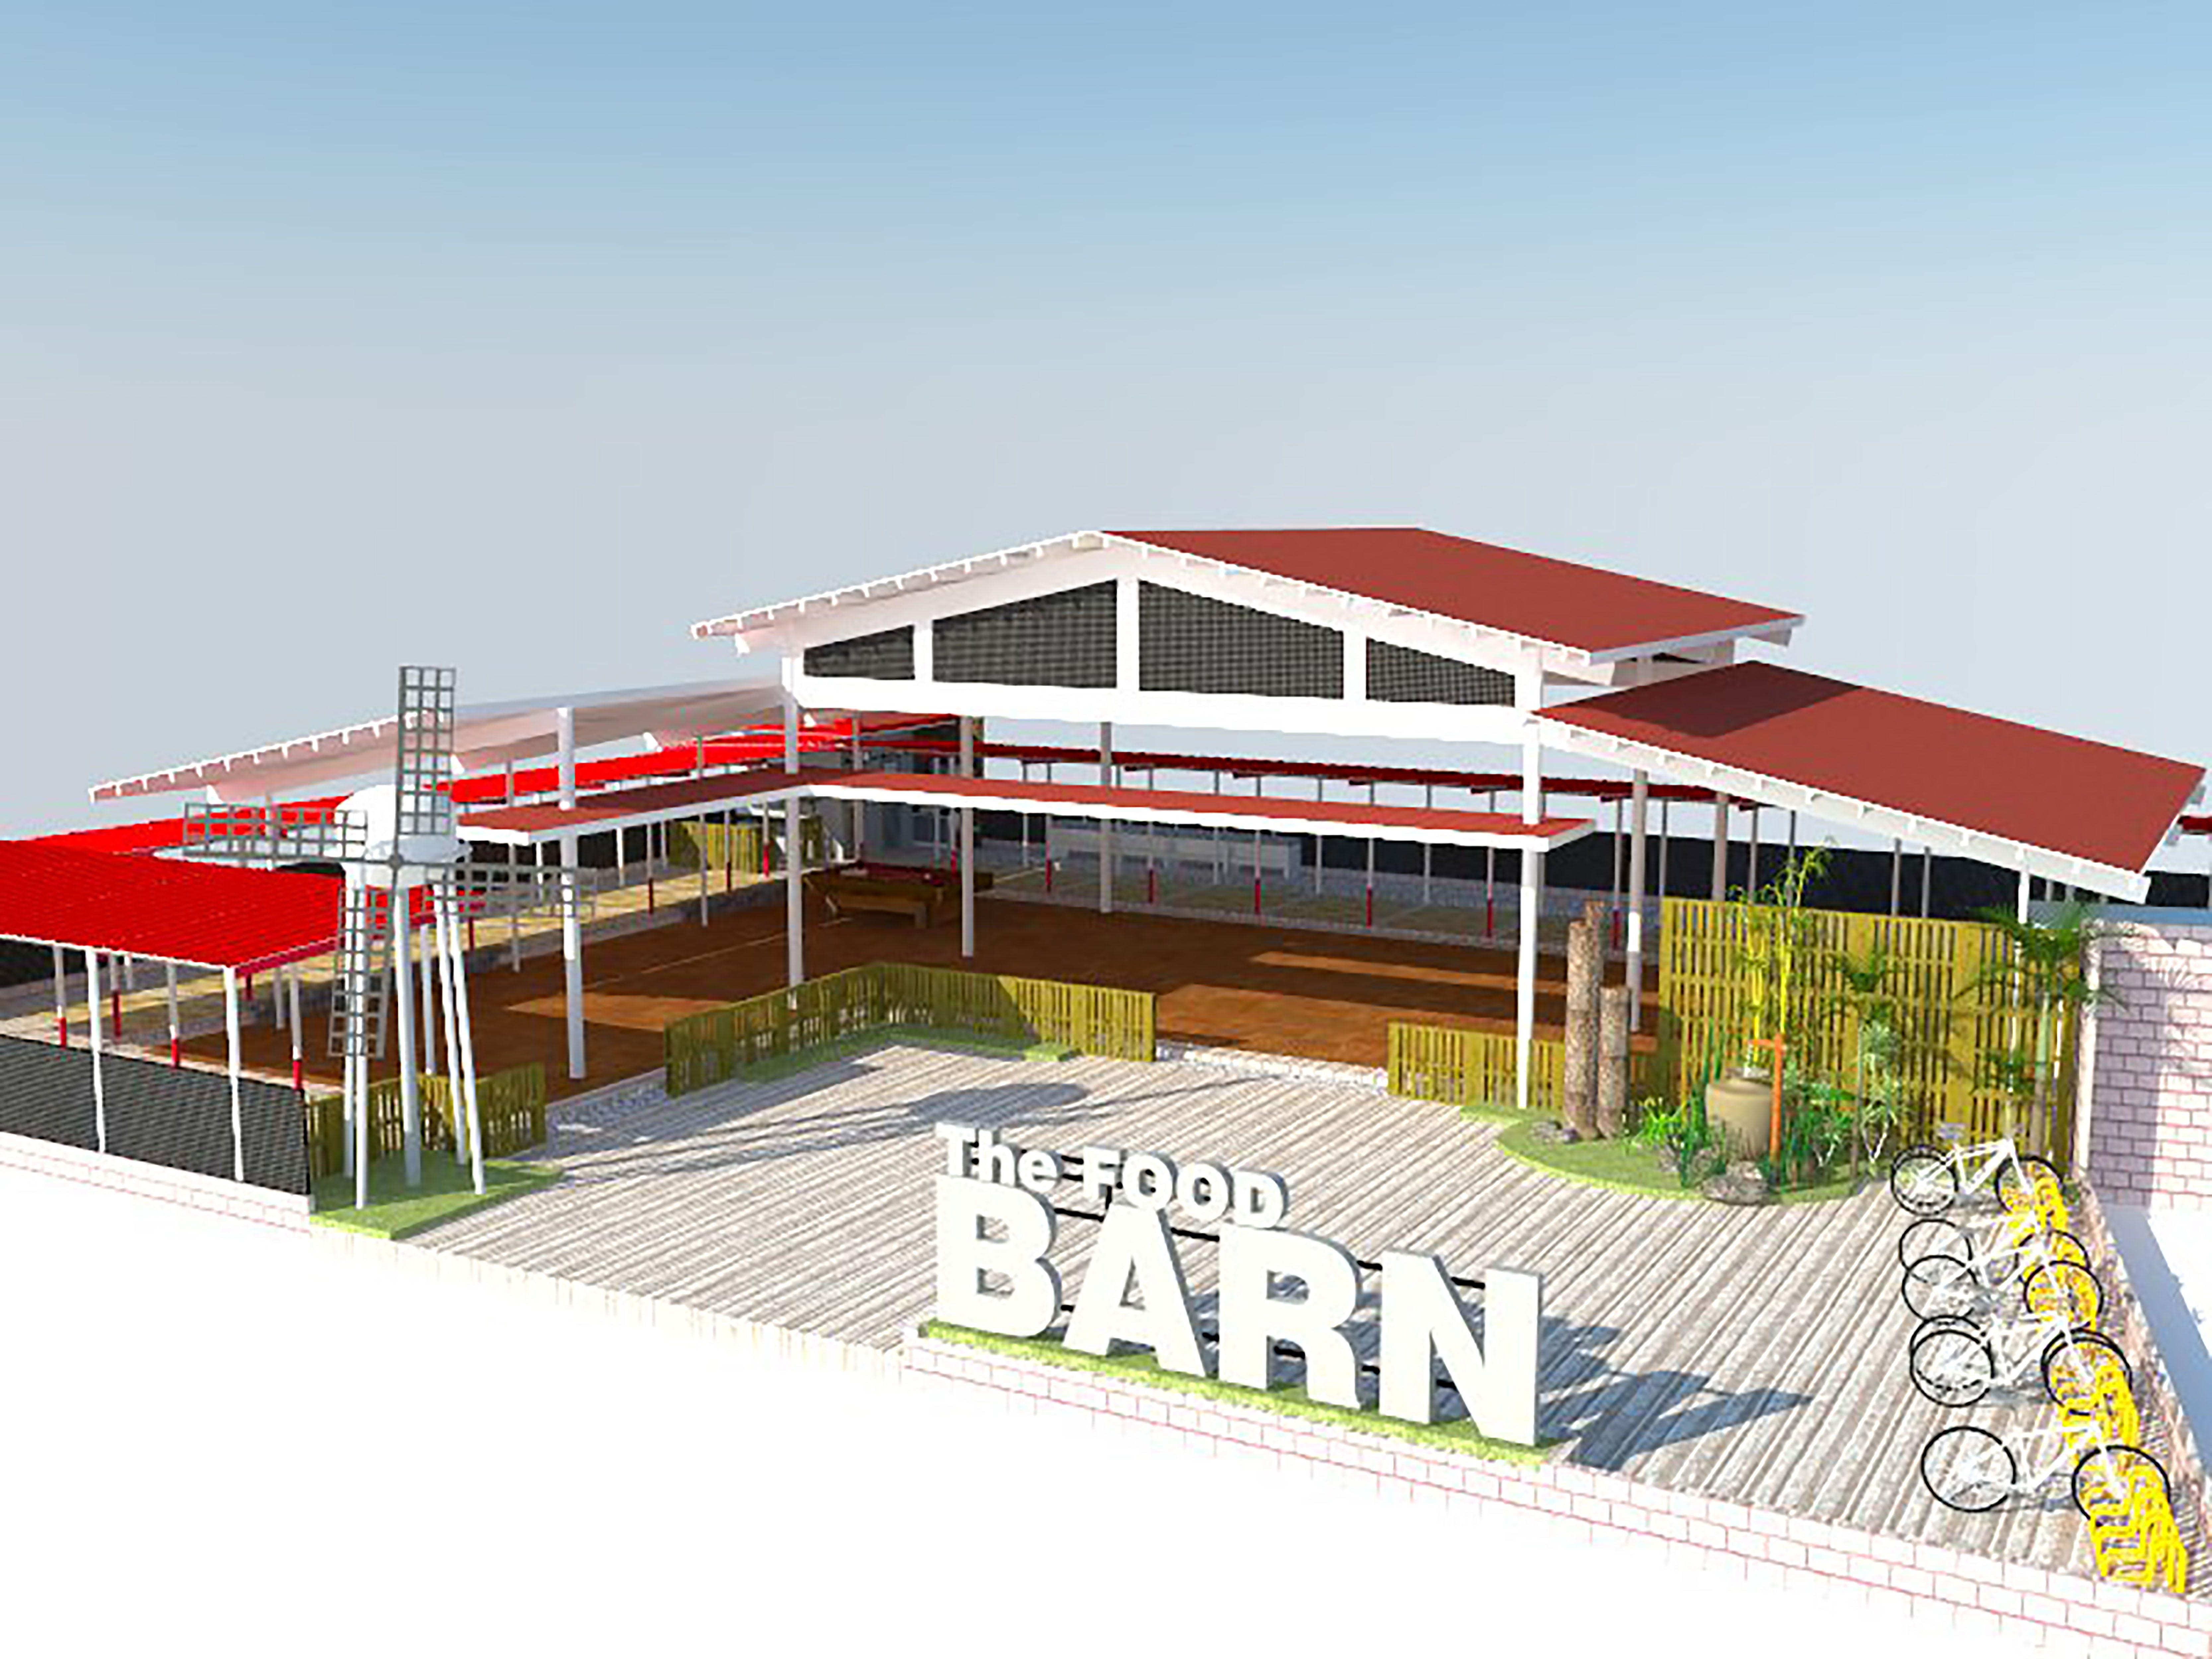 The Food Barn